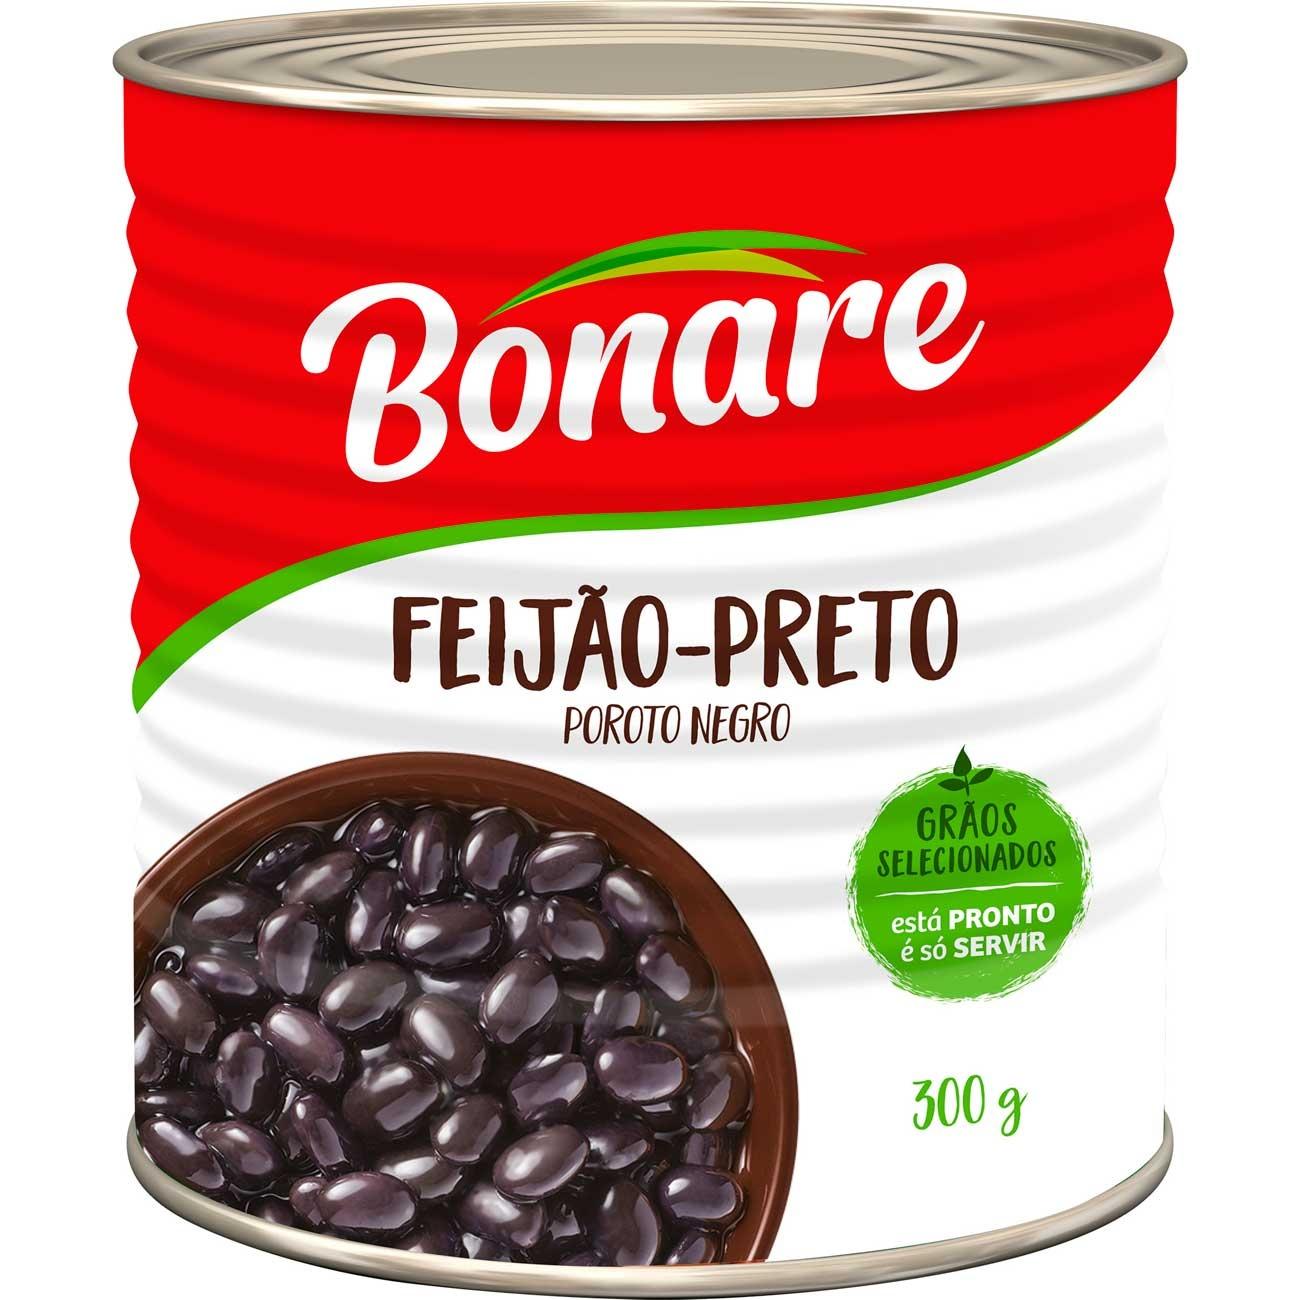 Feij�o Preto Bonare Pronto Lata 300g | Caixa com 24 unidades